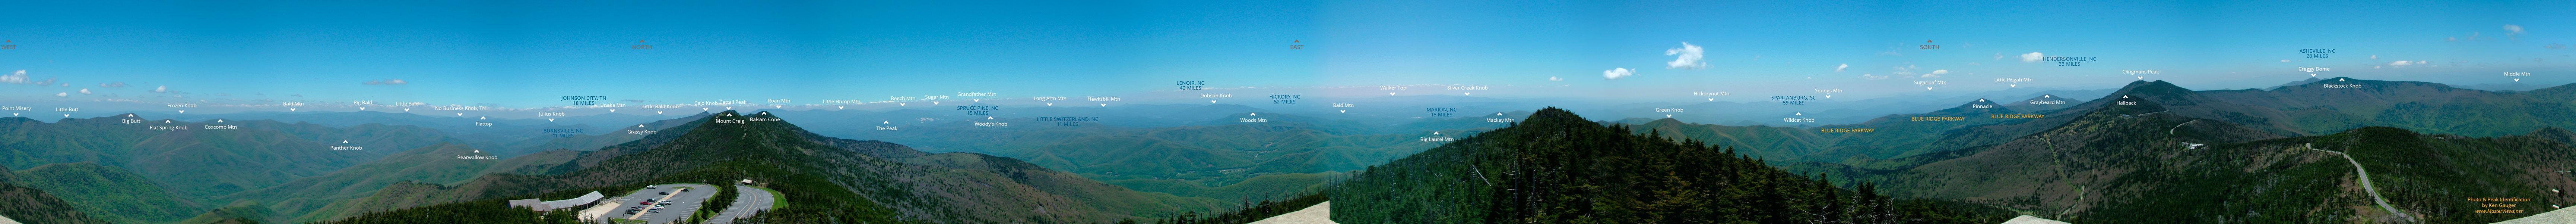 Mt. Mitchell Panorama